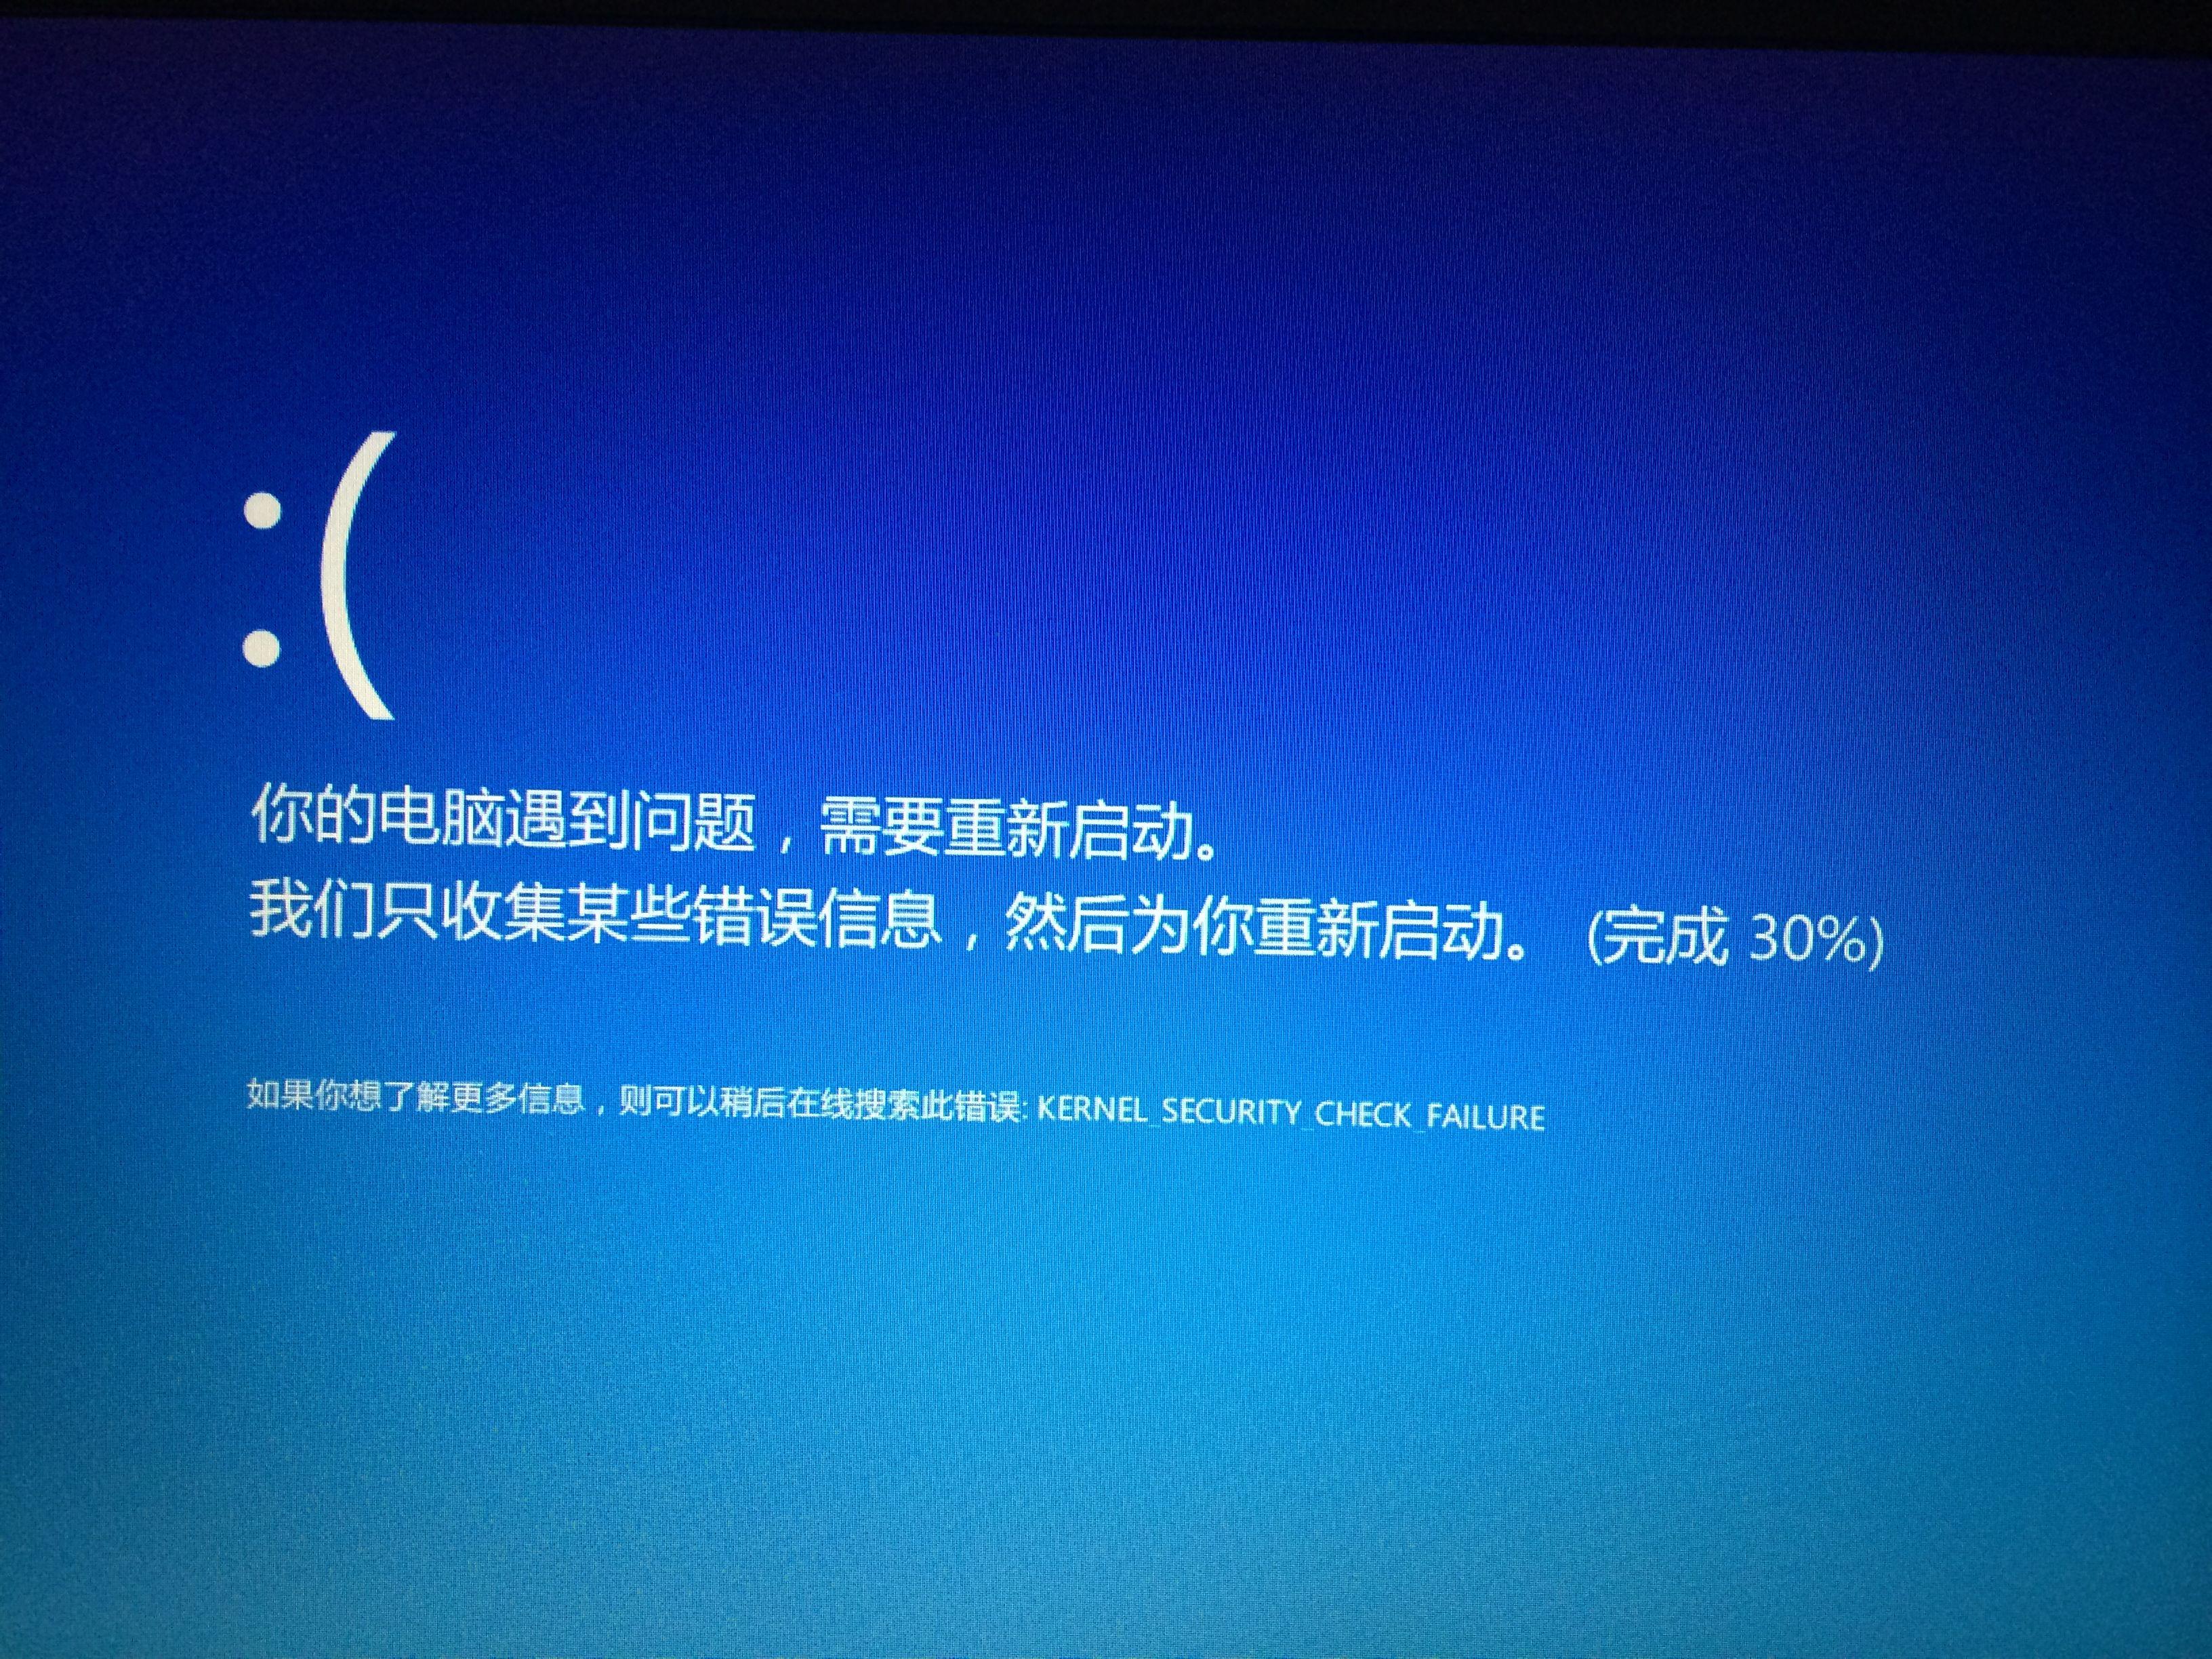 电脑总是自动重启_电脑遇到问题,需要重新启动\